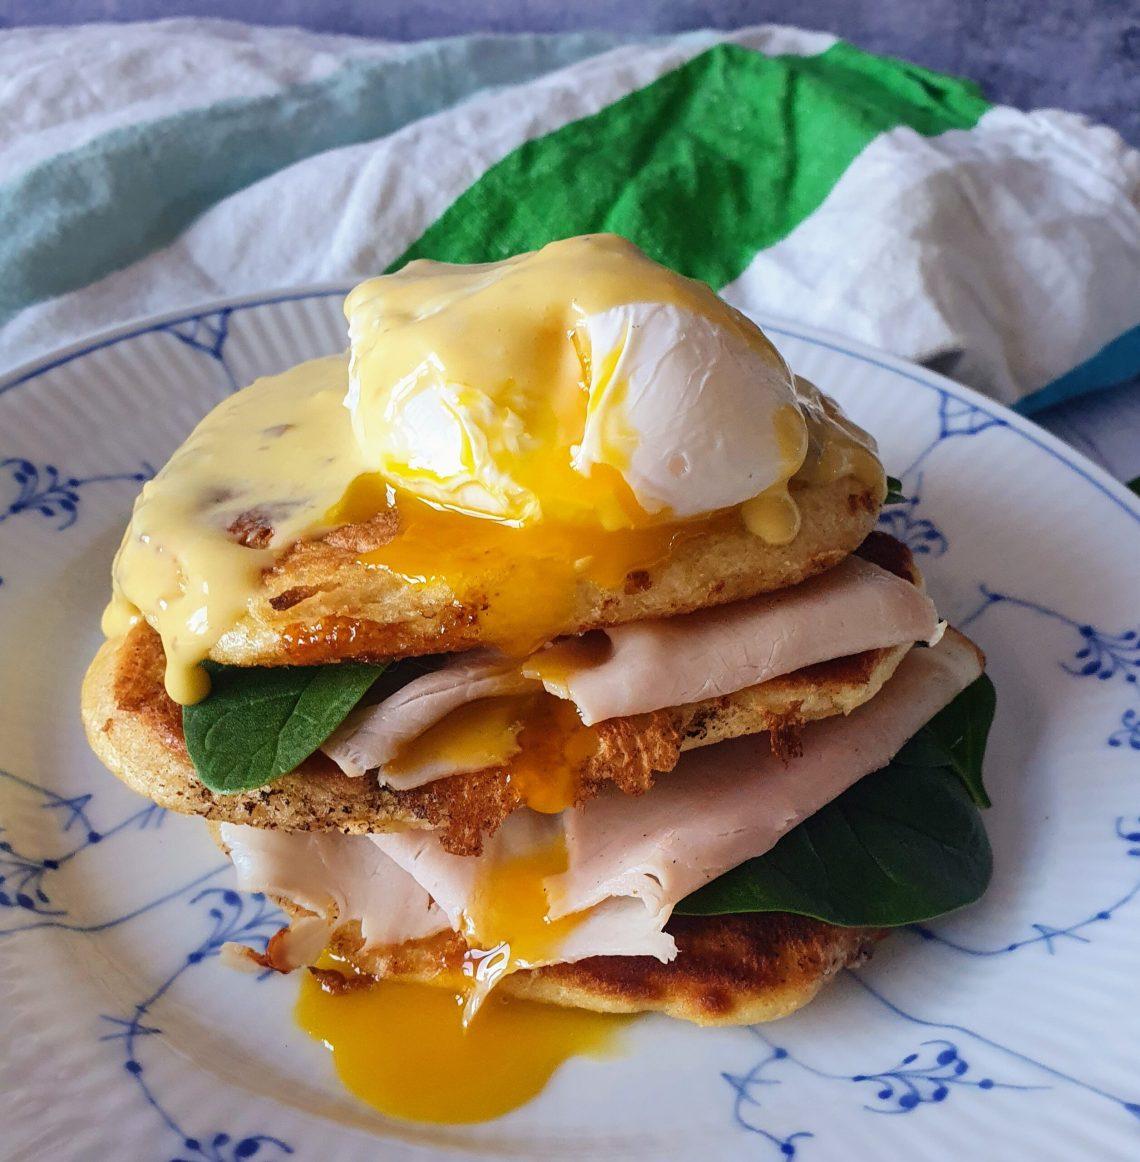 Pocheret æg. trøffel hollandaise og amerikanske pandekager